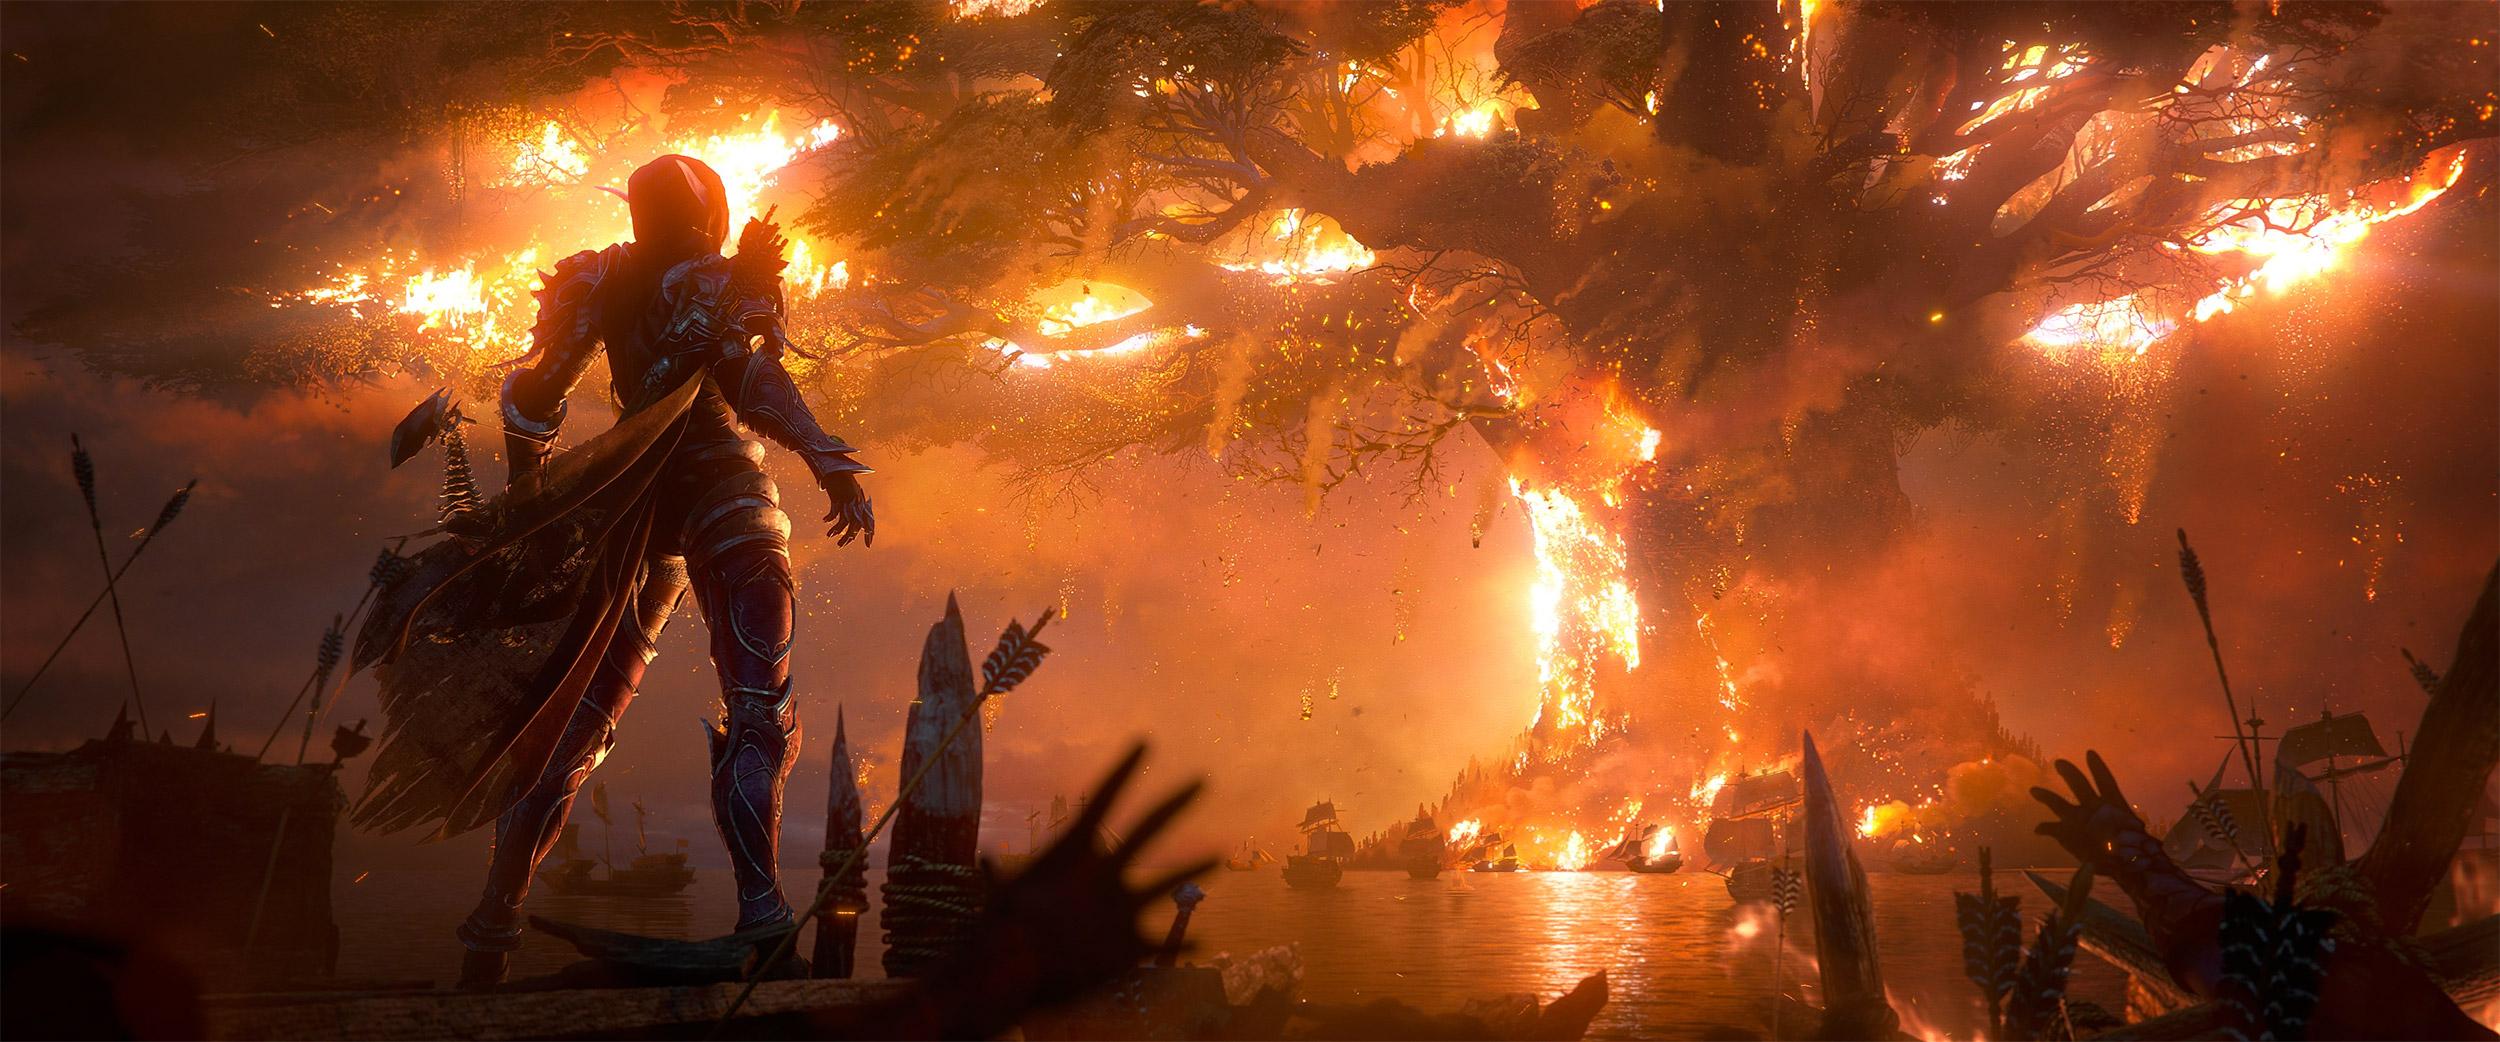 Alors que Tyrande soigne les brûlés, elle apprend que la Horde a incendié Teldrassil